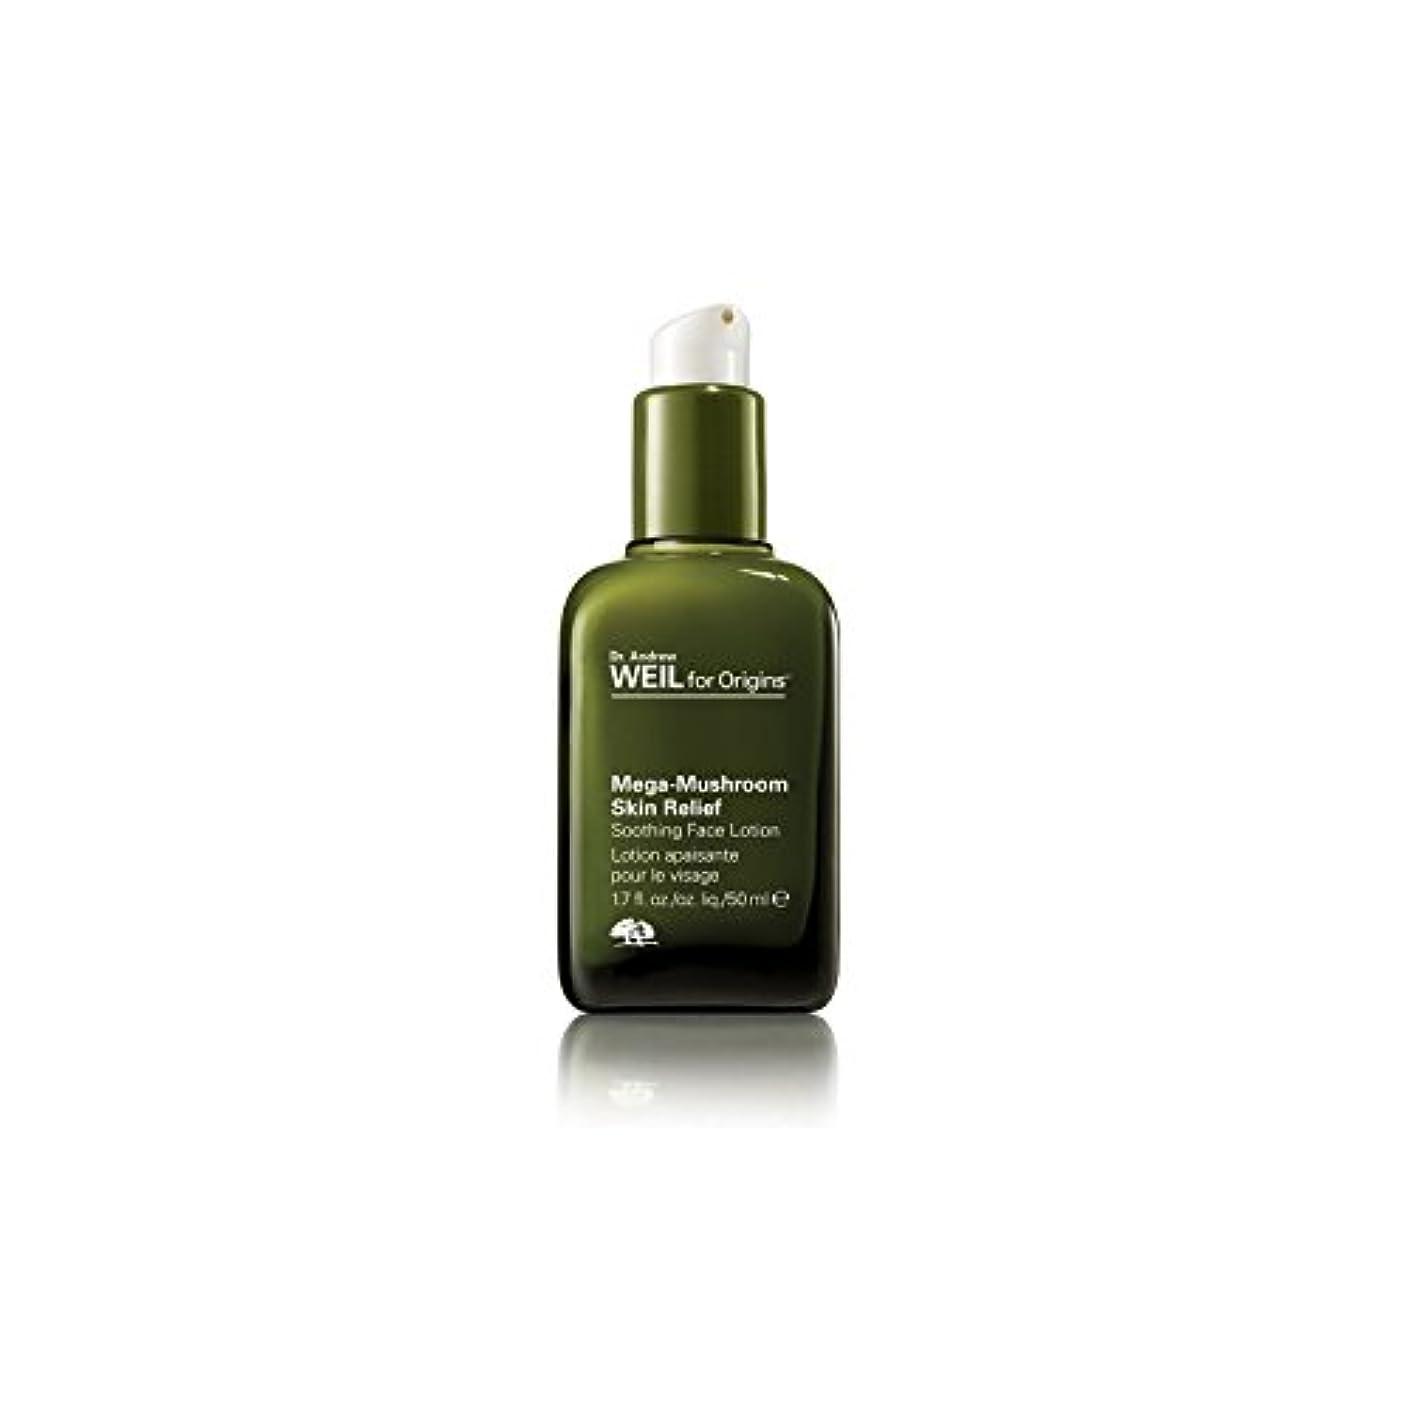 行う情緒的分数Origins Dr. Andrew Weil For Origins Mega-Mushroom Skin Relief Soothing Face Lotion 50ml (Pack of 6) - 起源アンドルー?ワイル...